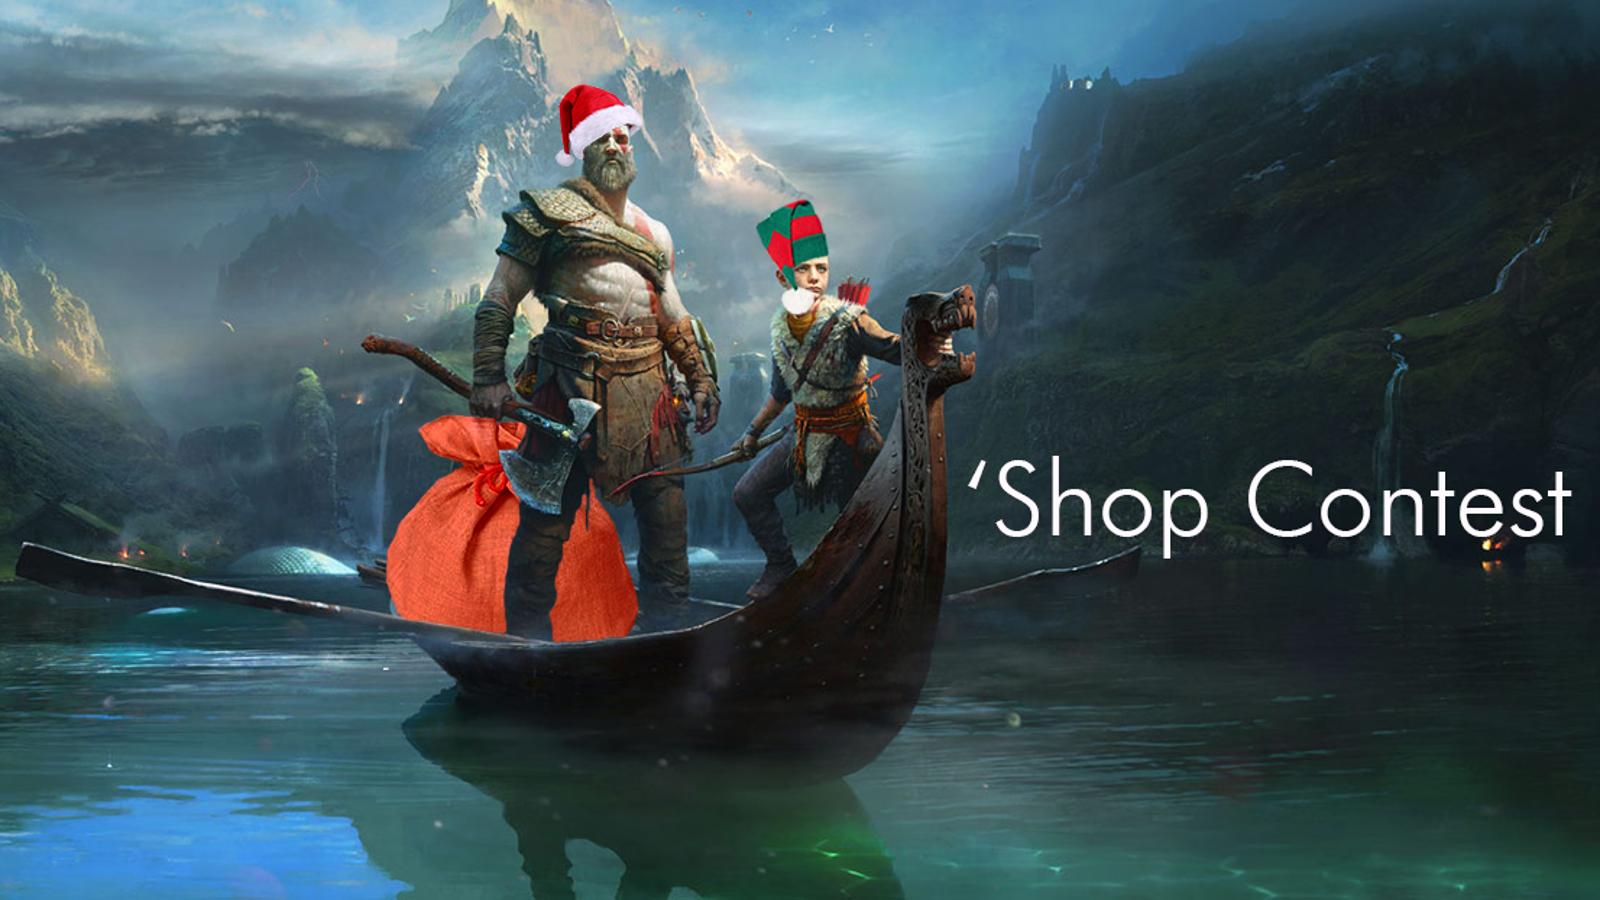 QnA VBage 'Shop Contest: Everyone Is Santa